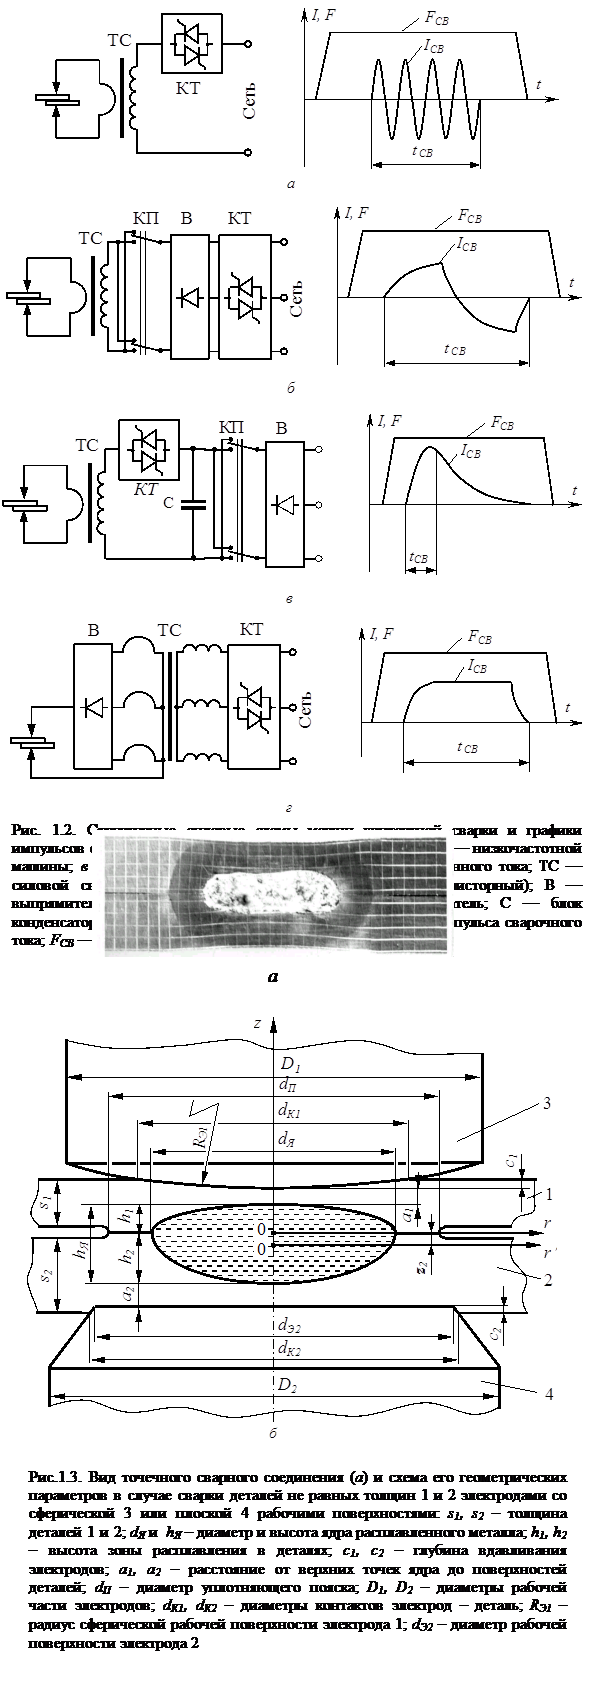 манипулирование электродом схема